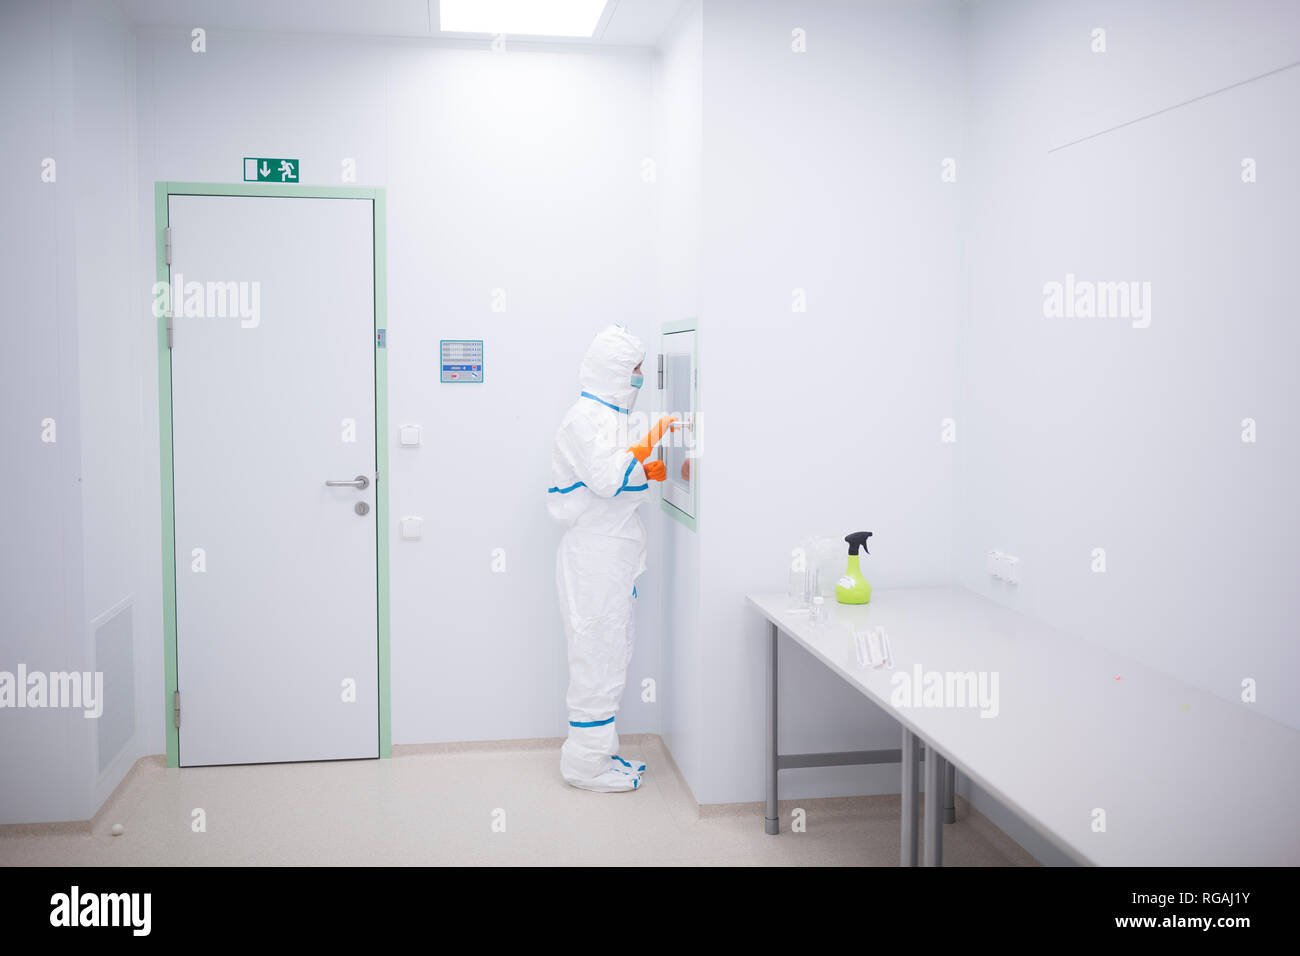 Tecnico di laboratorio per camera bianca di usura generale a materiale chiusa Immagini Stock